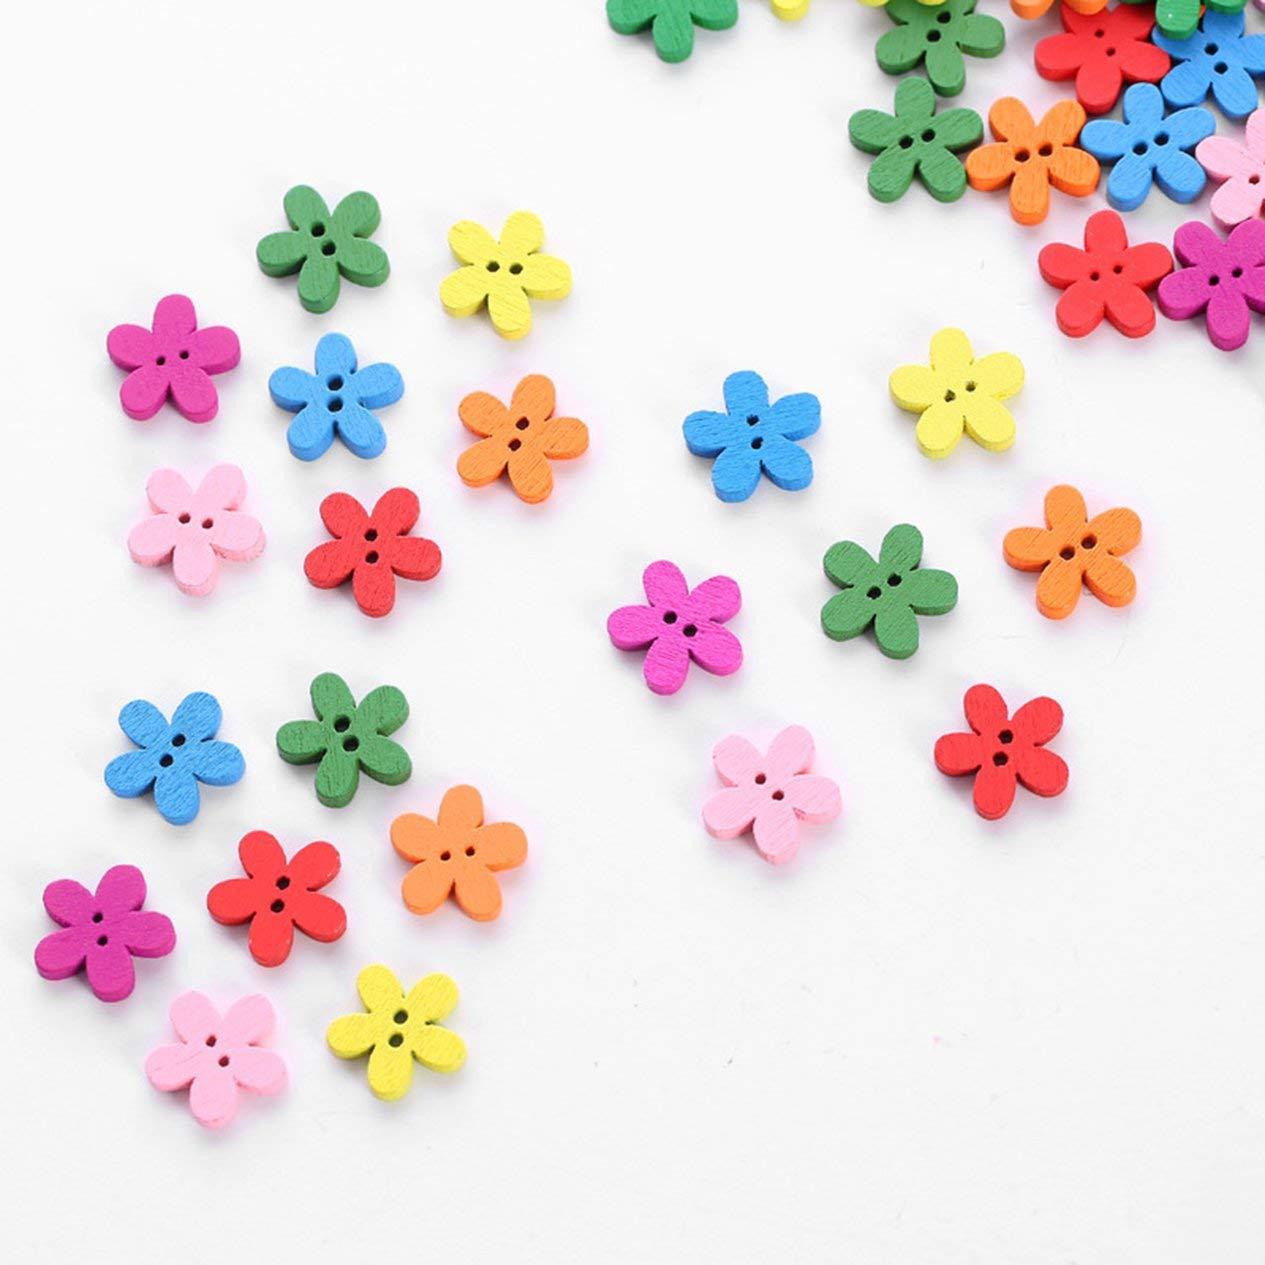 EdBerk74 100PCS Borsa Fiore Cucito Bottoni in legno per bambini Vestiti Bottoni decorativi Articoli fatti a mano Accessori per scrapbooking